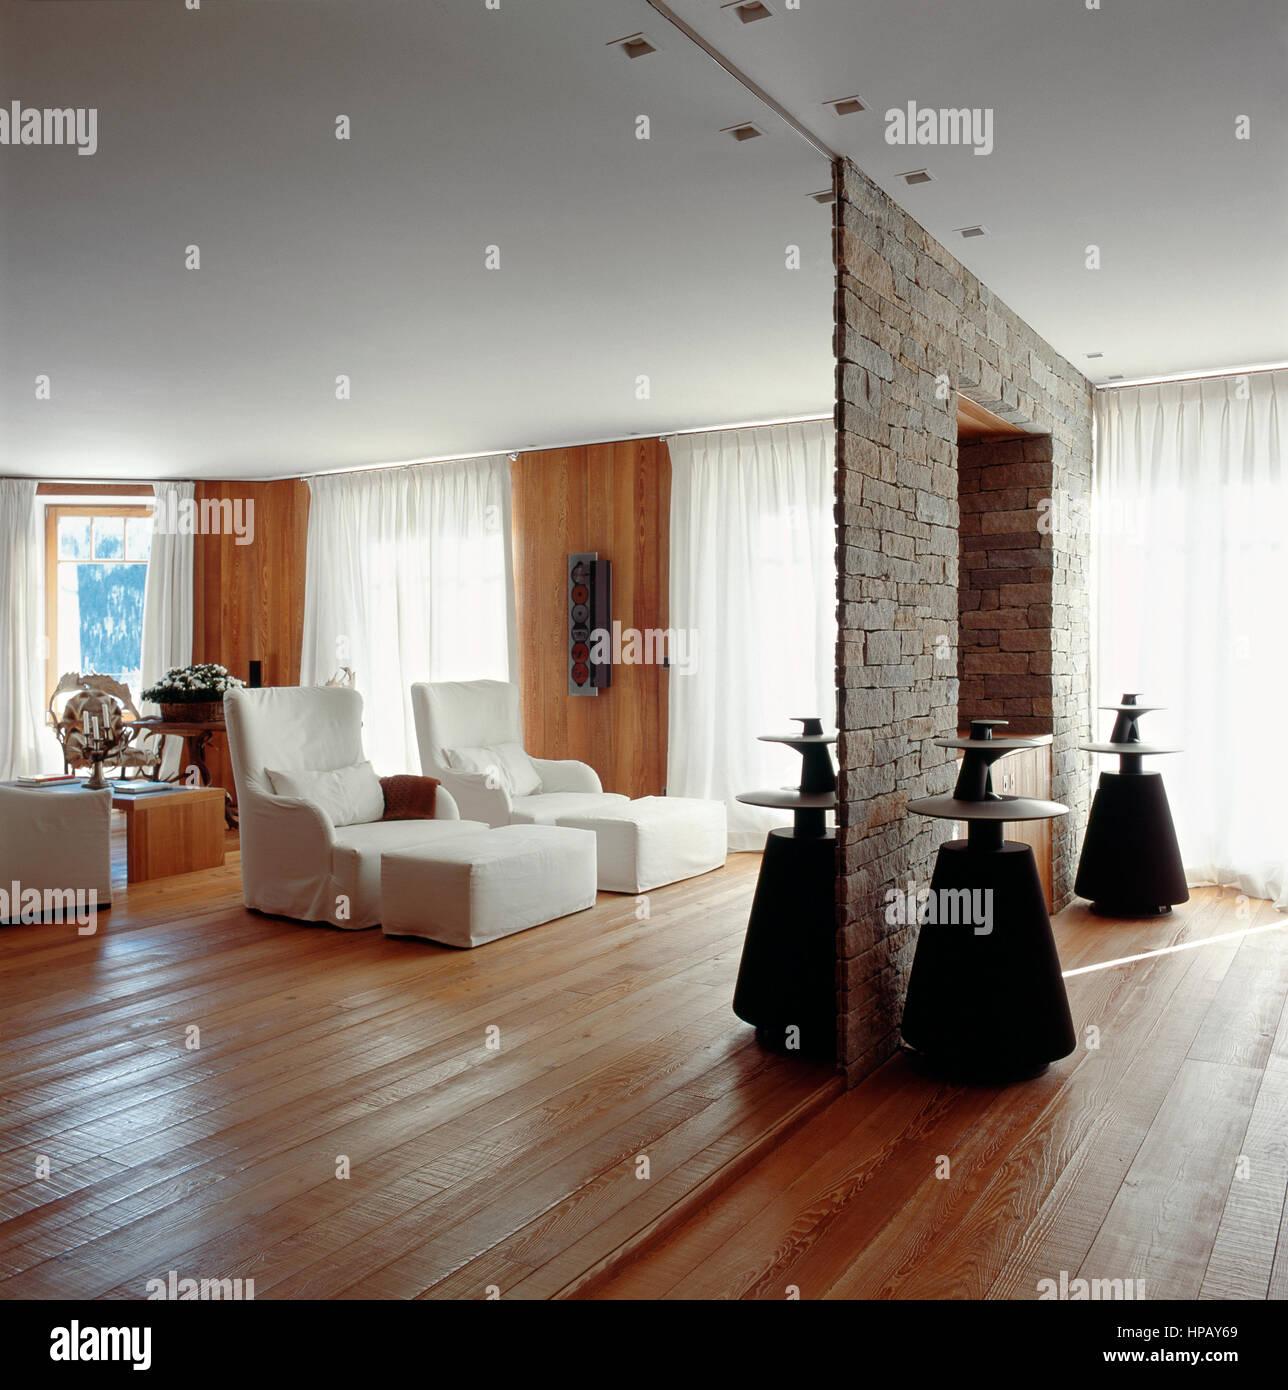 Inneneinrichtung eines Wohnzimmers in einem modernen Chalet ...